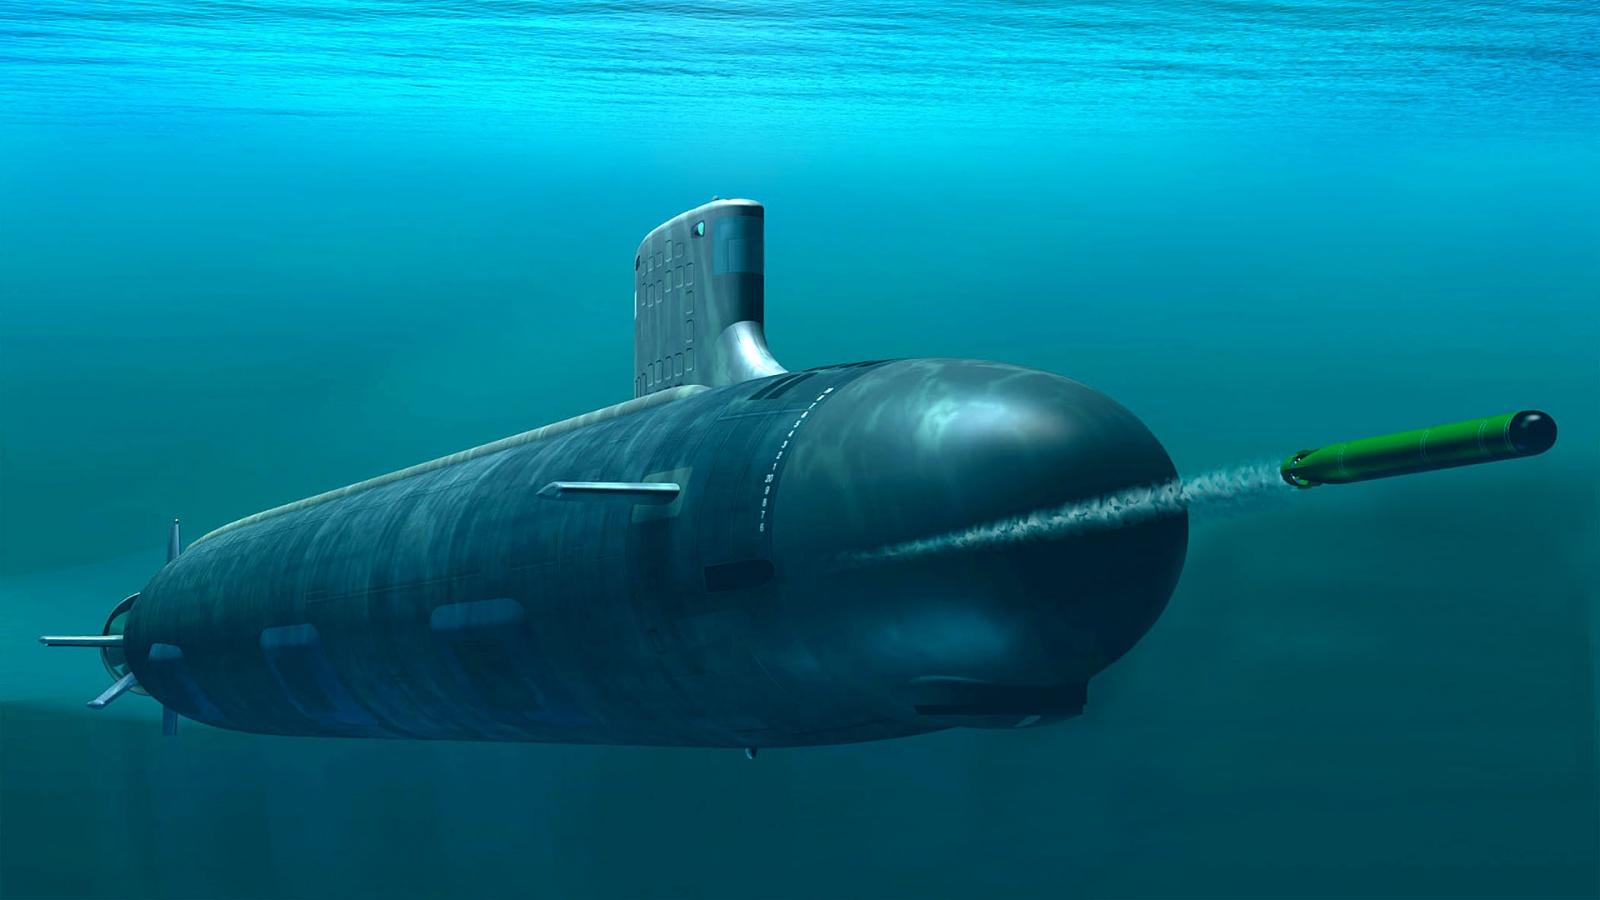 подводные лодки всех типов фото